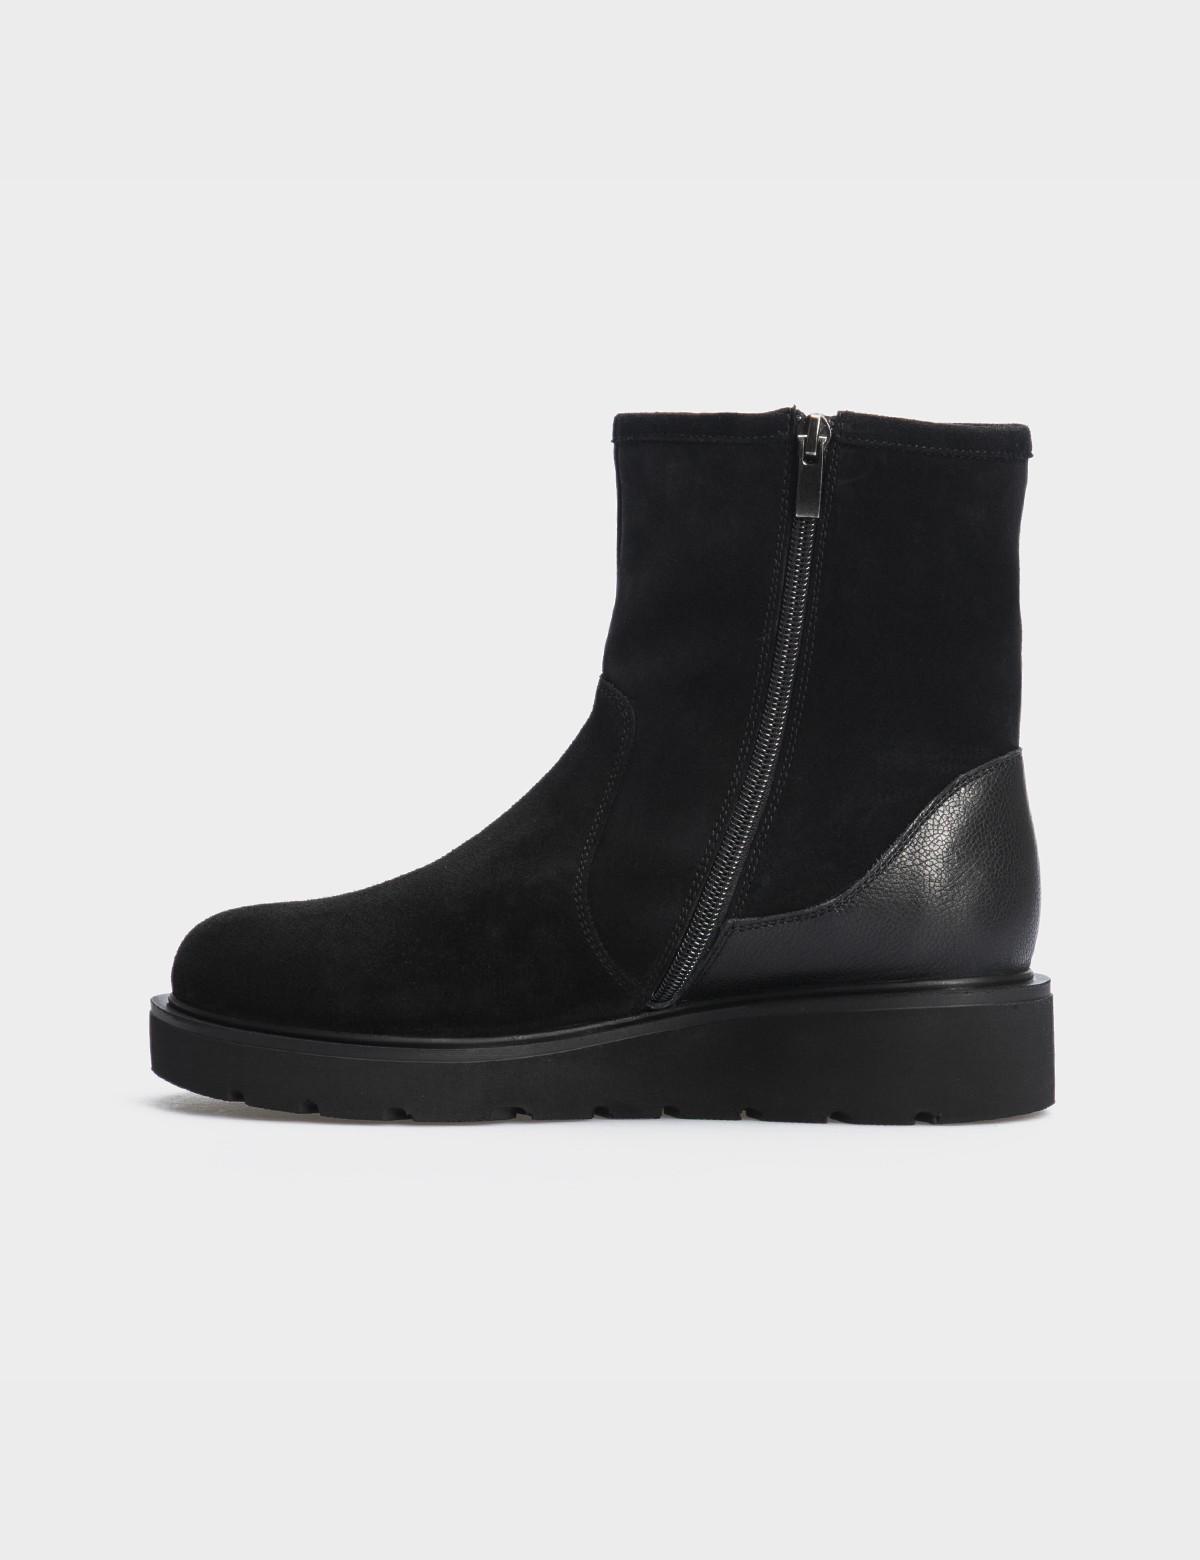 Ботинки черные натуральная замша/кожа. Шерсть3